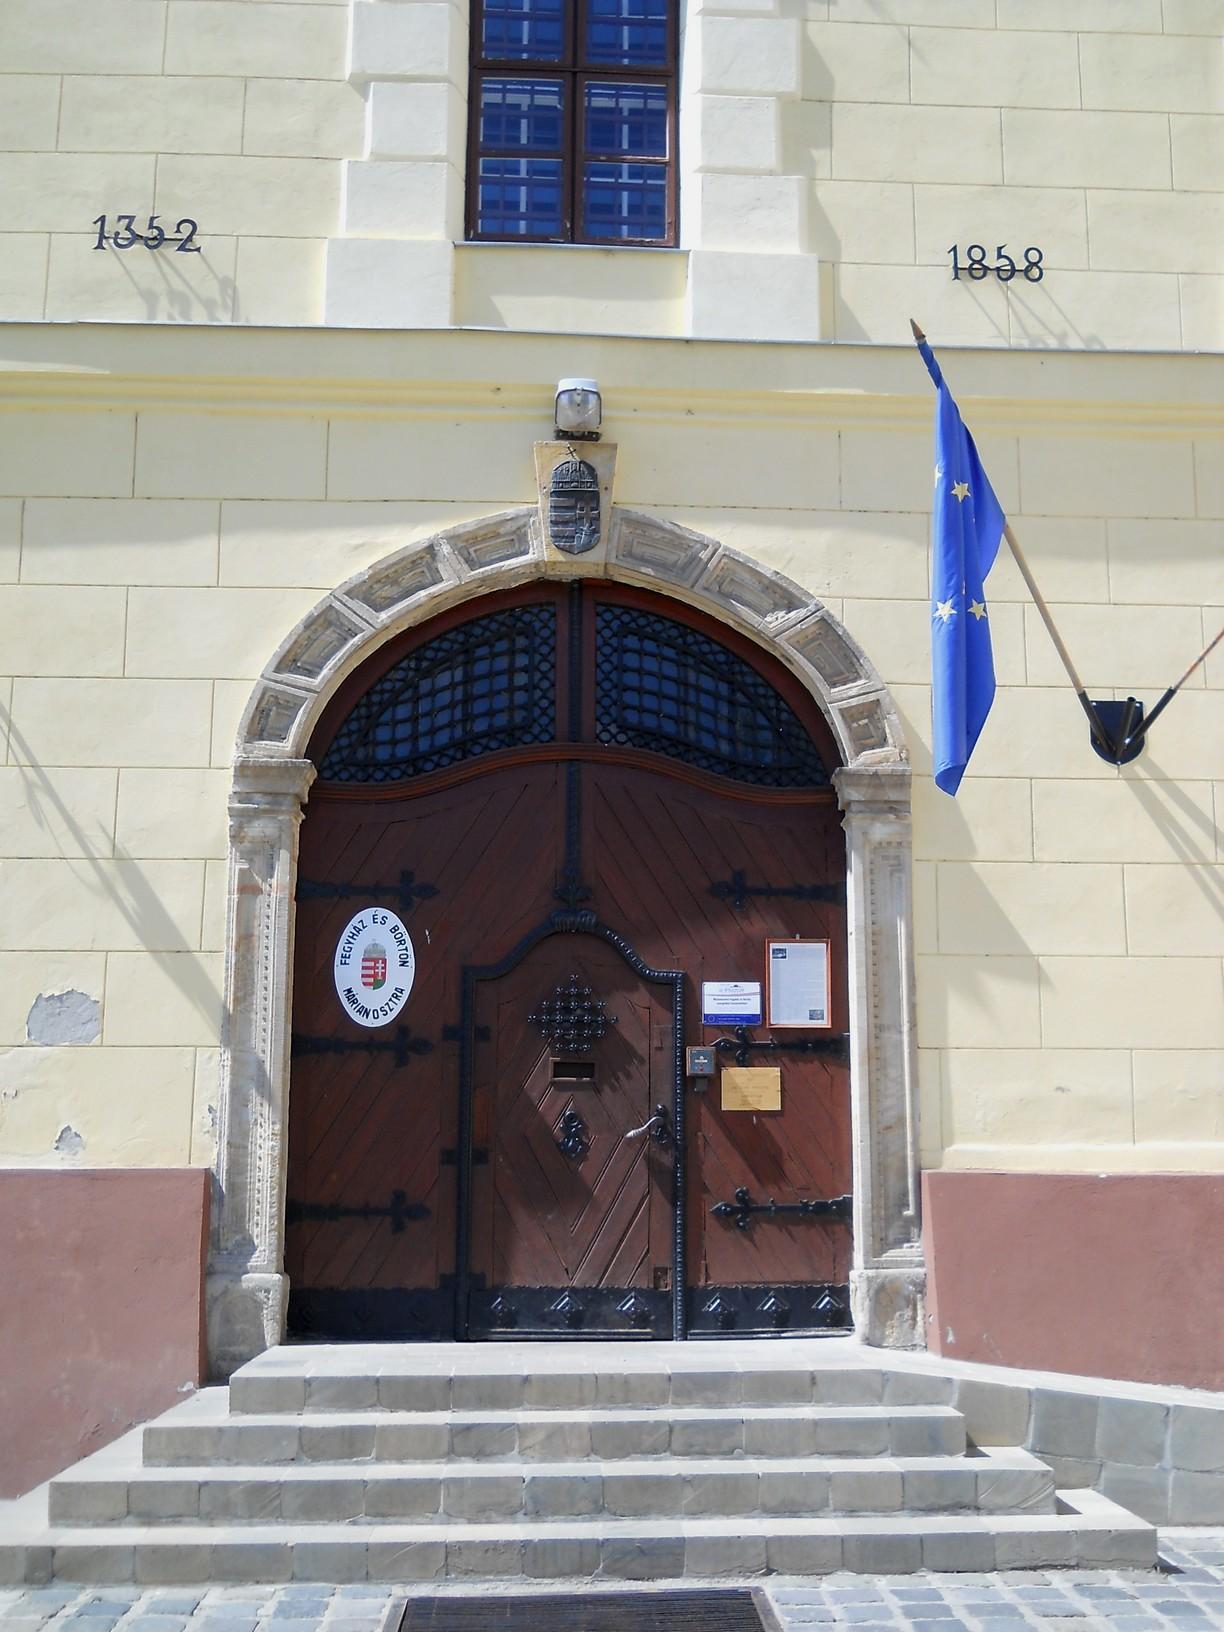 1858-ban az akkori hivatalos egyházi vezetés azzal a megállapítással, hogy a pálosok megszűntek Magyarországon, eladta a kolostort. Ez időtől az állam női börtönként működtette, 1948-tól pedig férfi fegyház és börtön